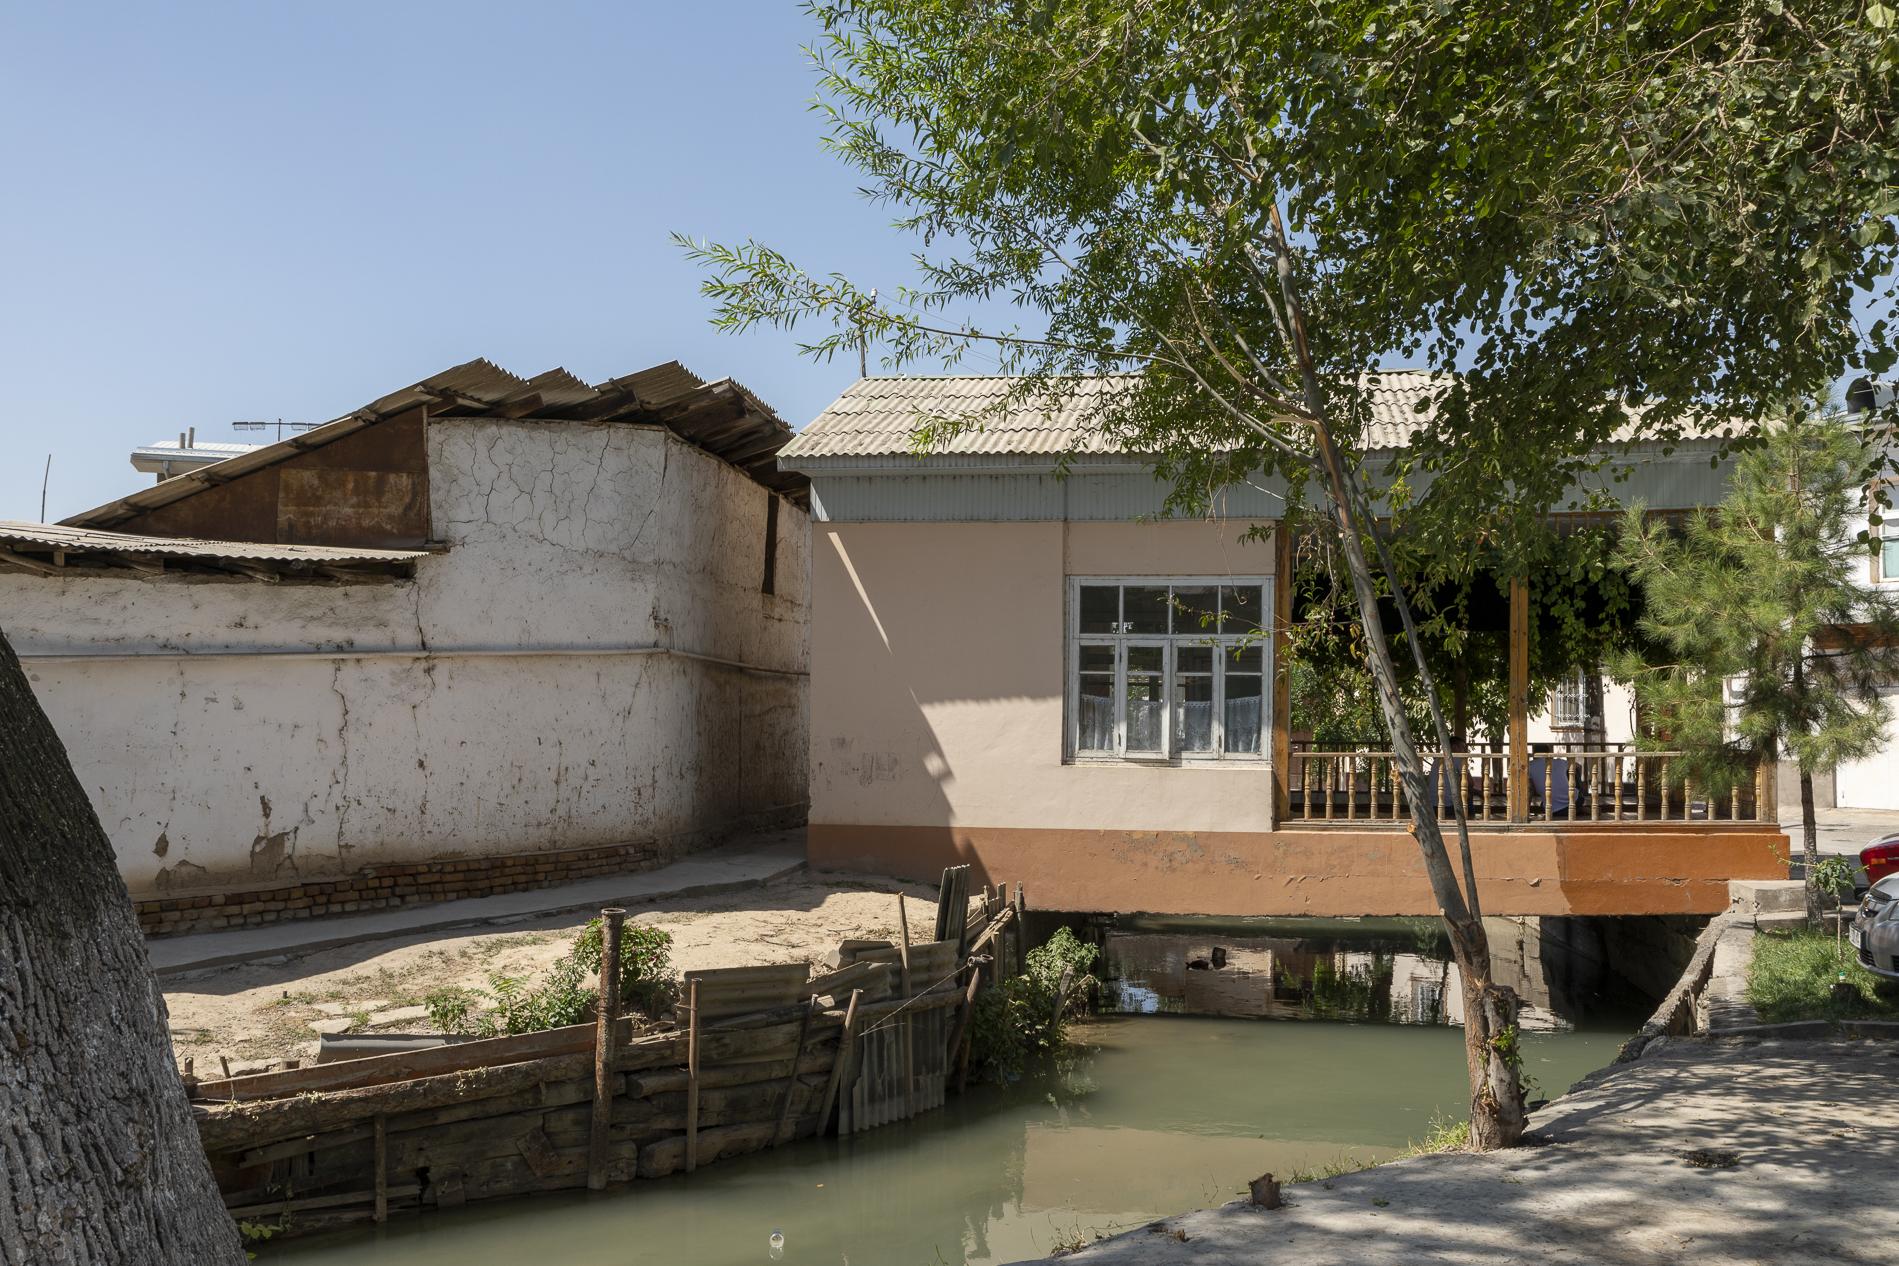 Tashkent città vecchia